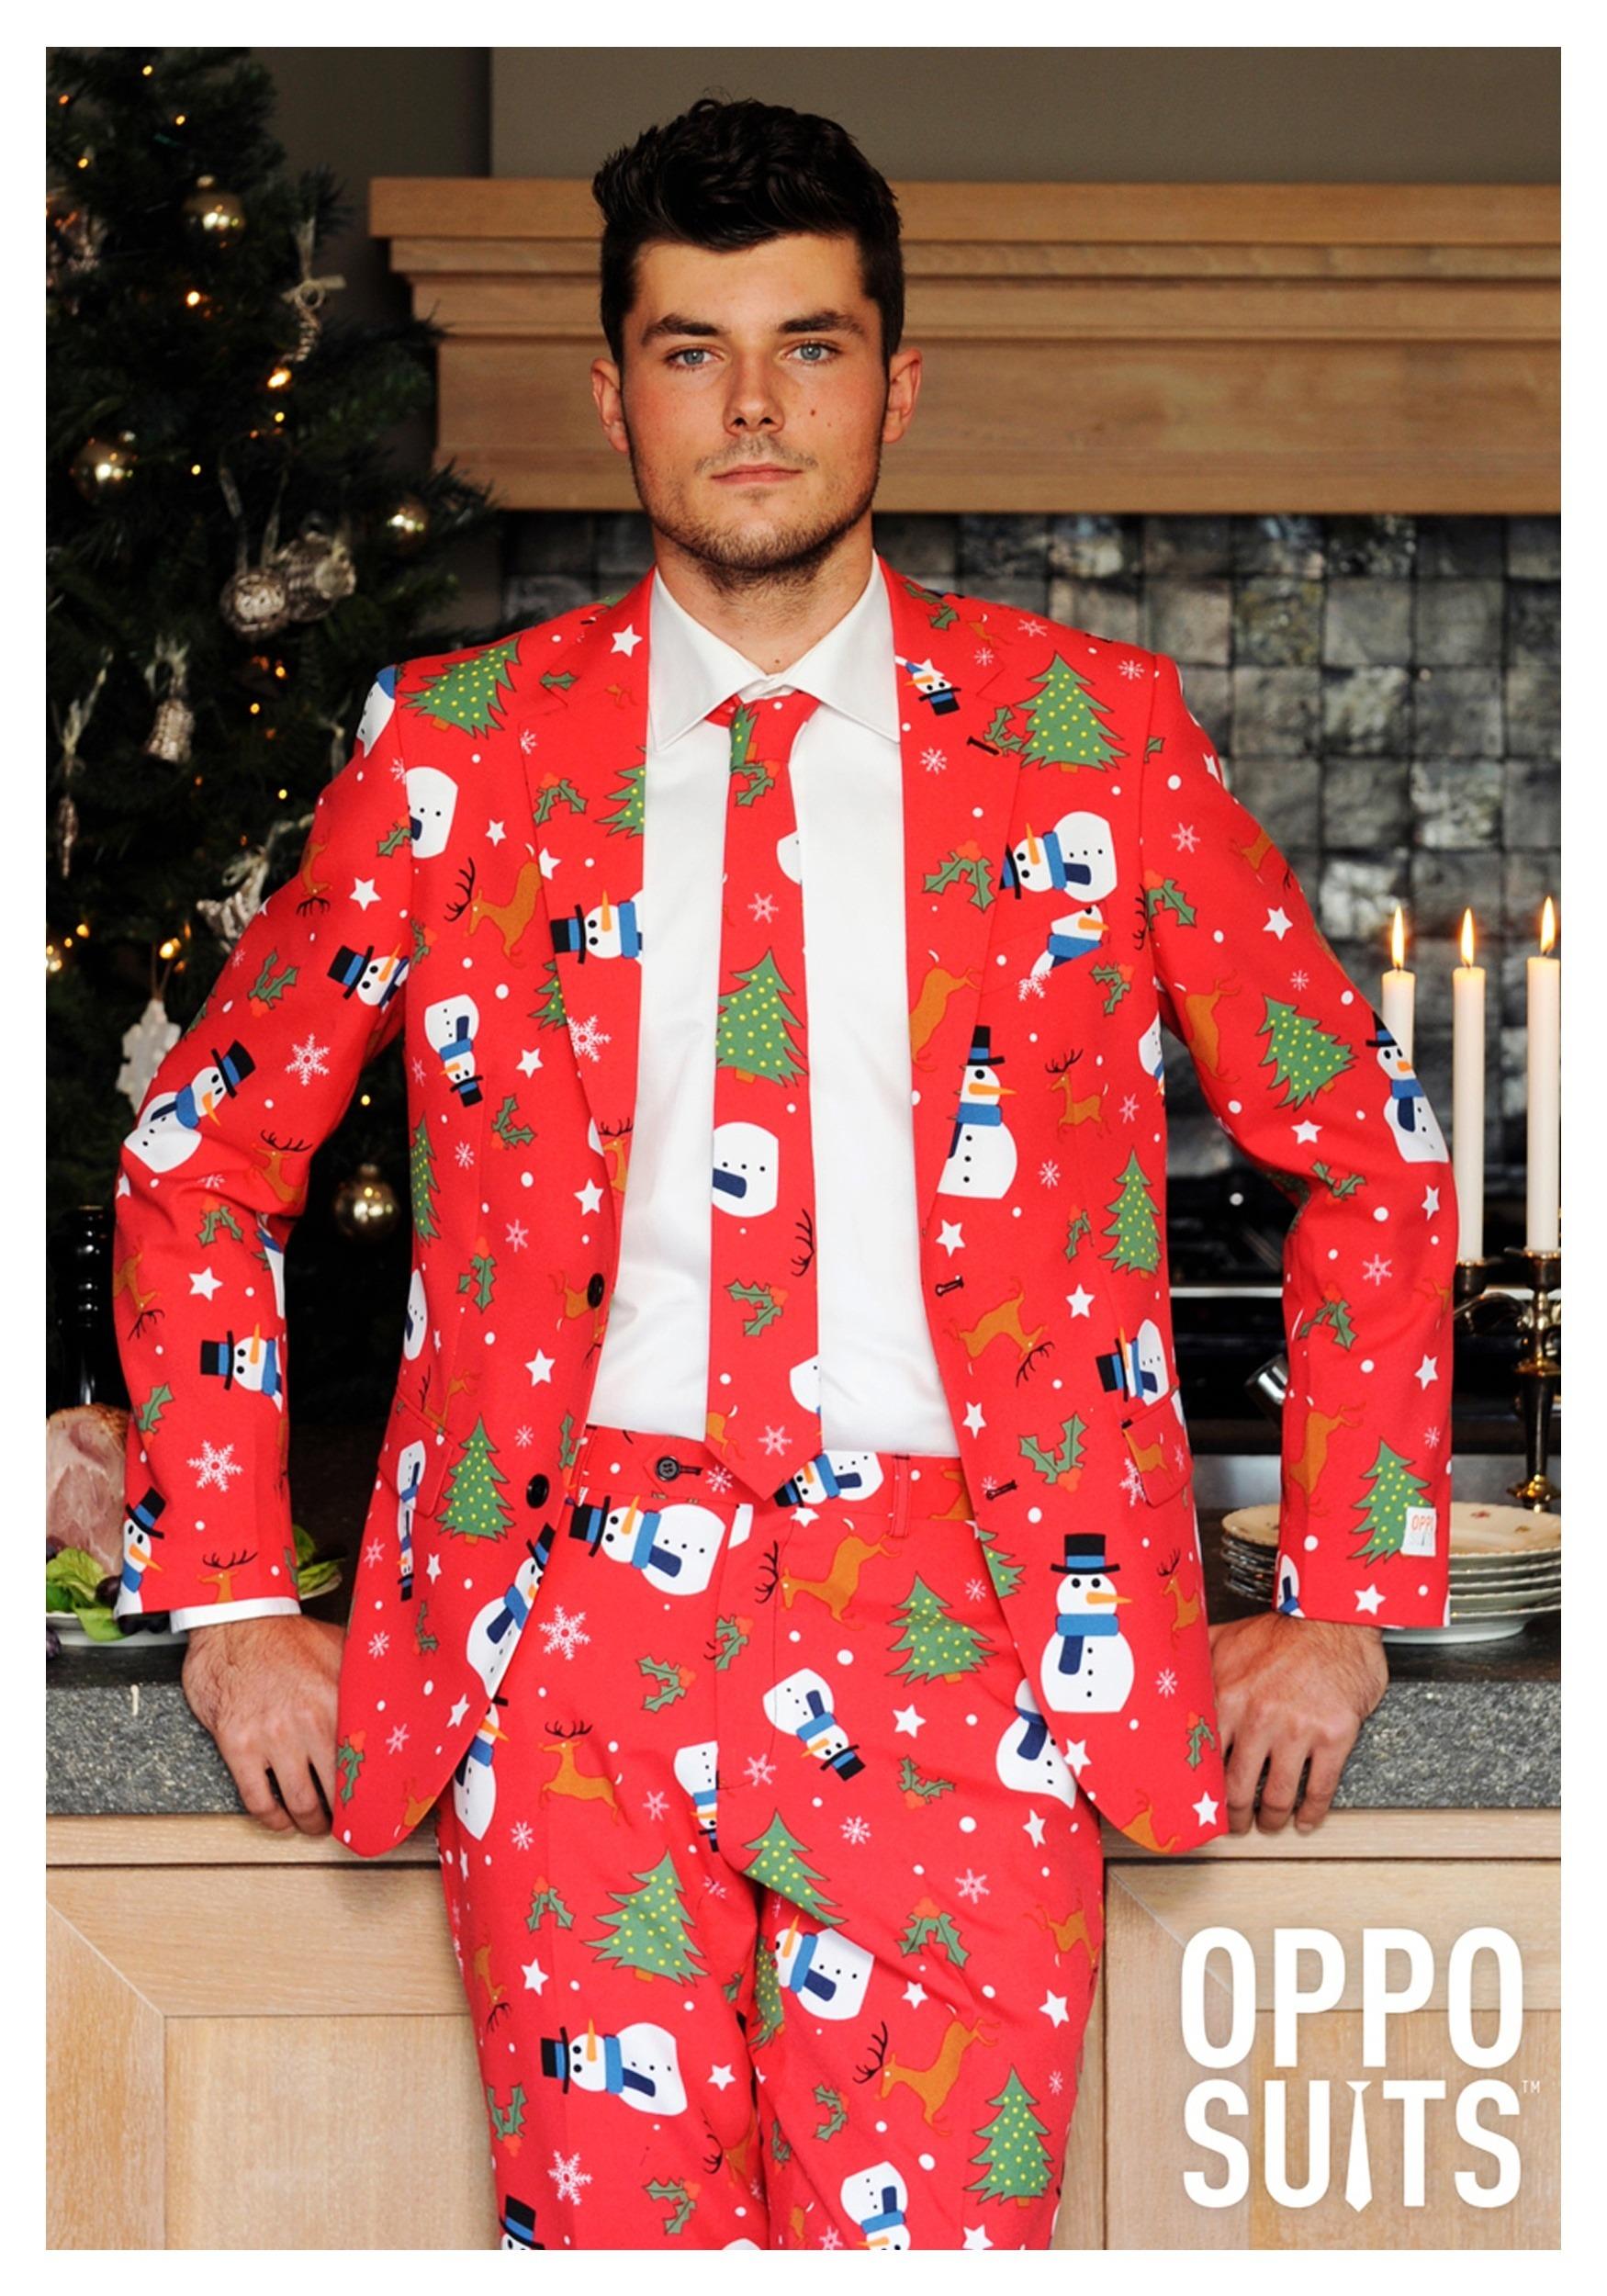 traje de los hombres de color rojo Navidad OppoSuits 32c0f7ada6f